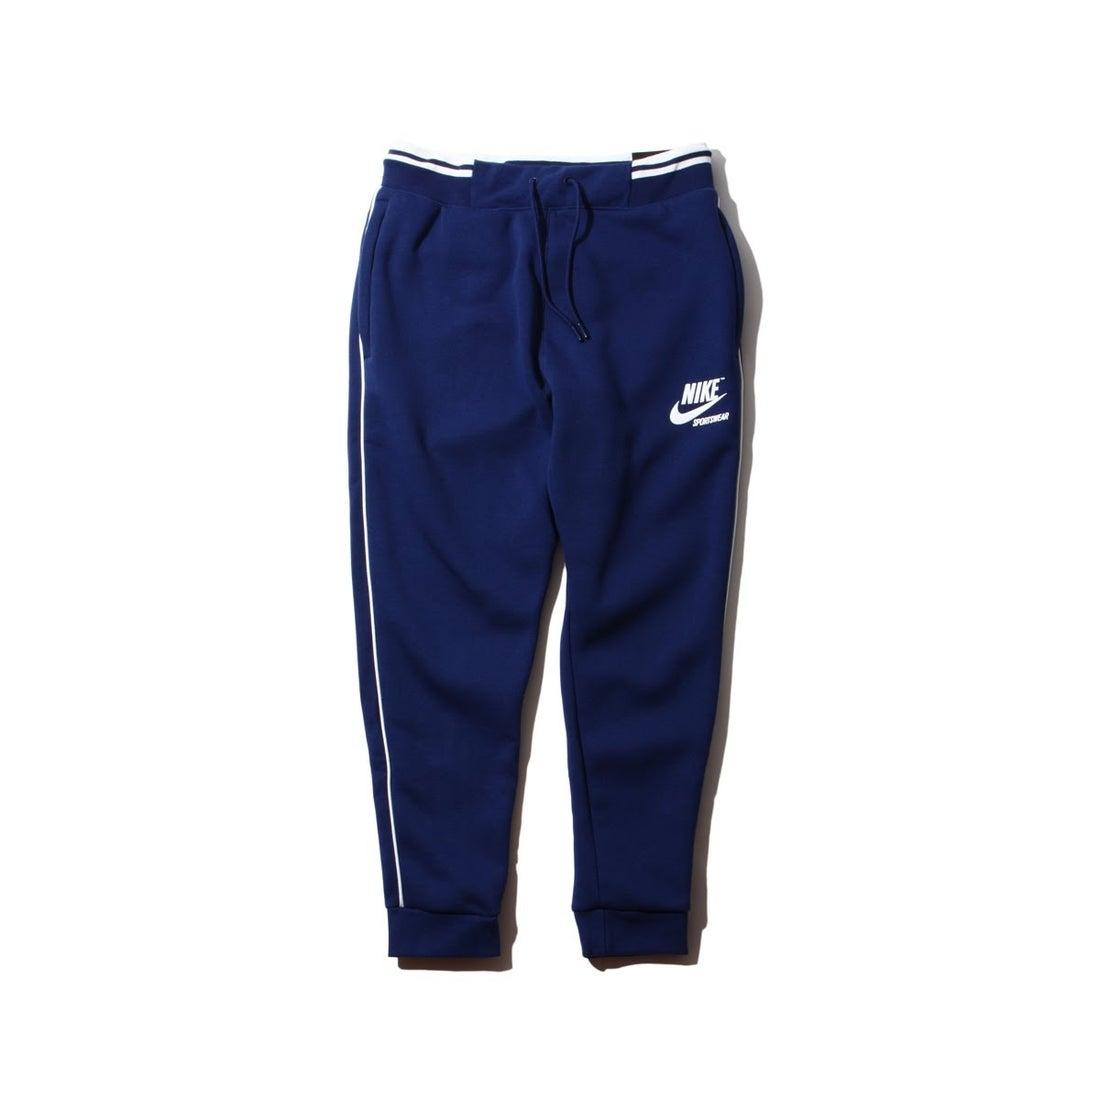 ロコンド 靴とファッションの通販サイトナイキ NIKE NIKE AS M NSW PANT FLC ARCHIVE (BLUE)